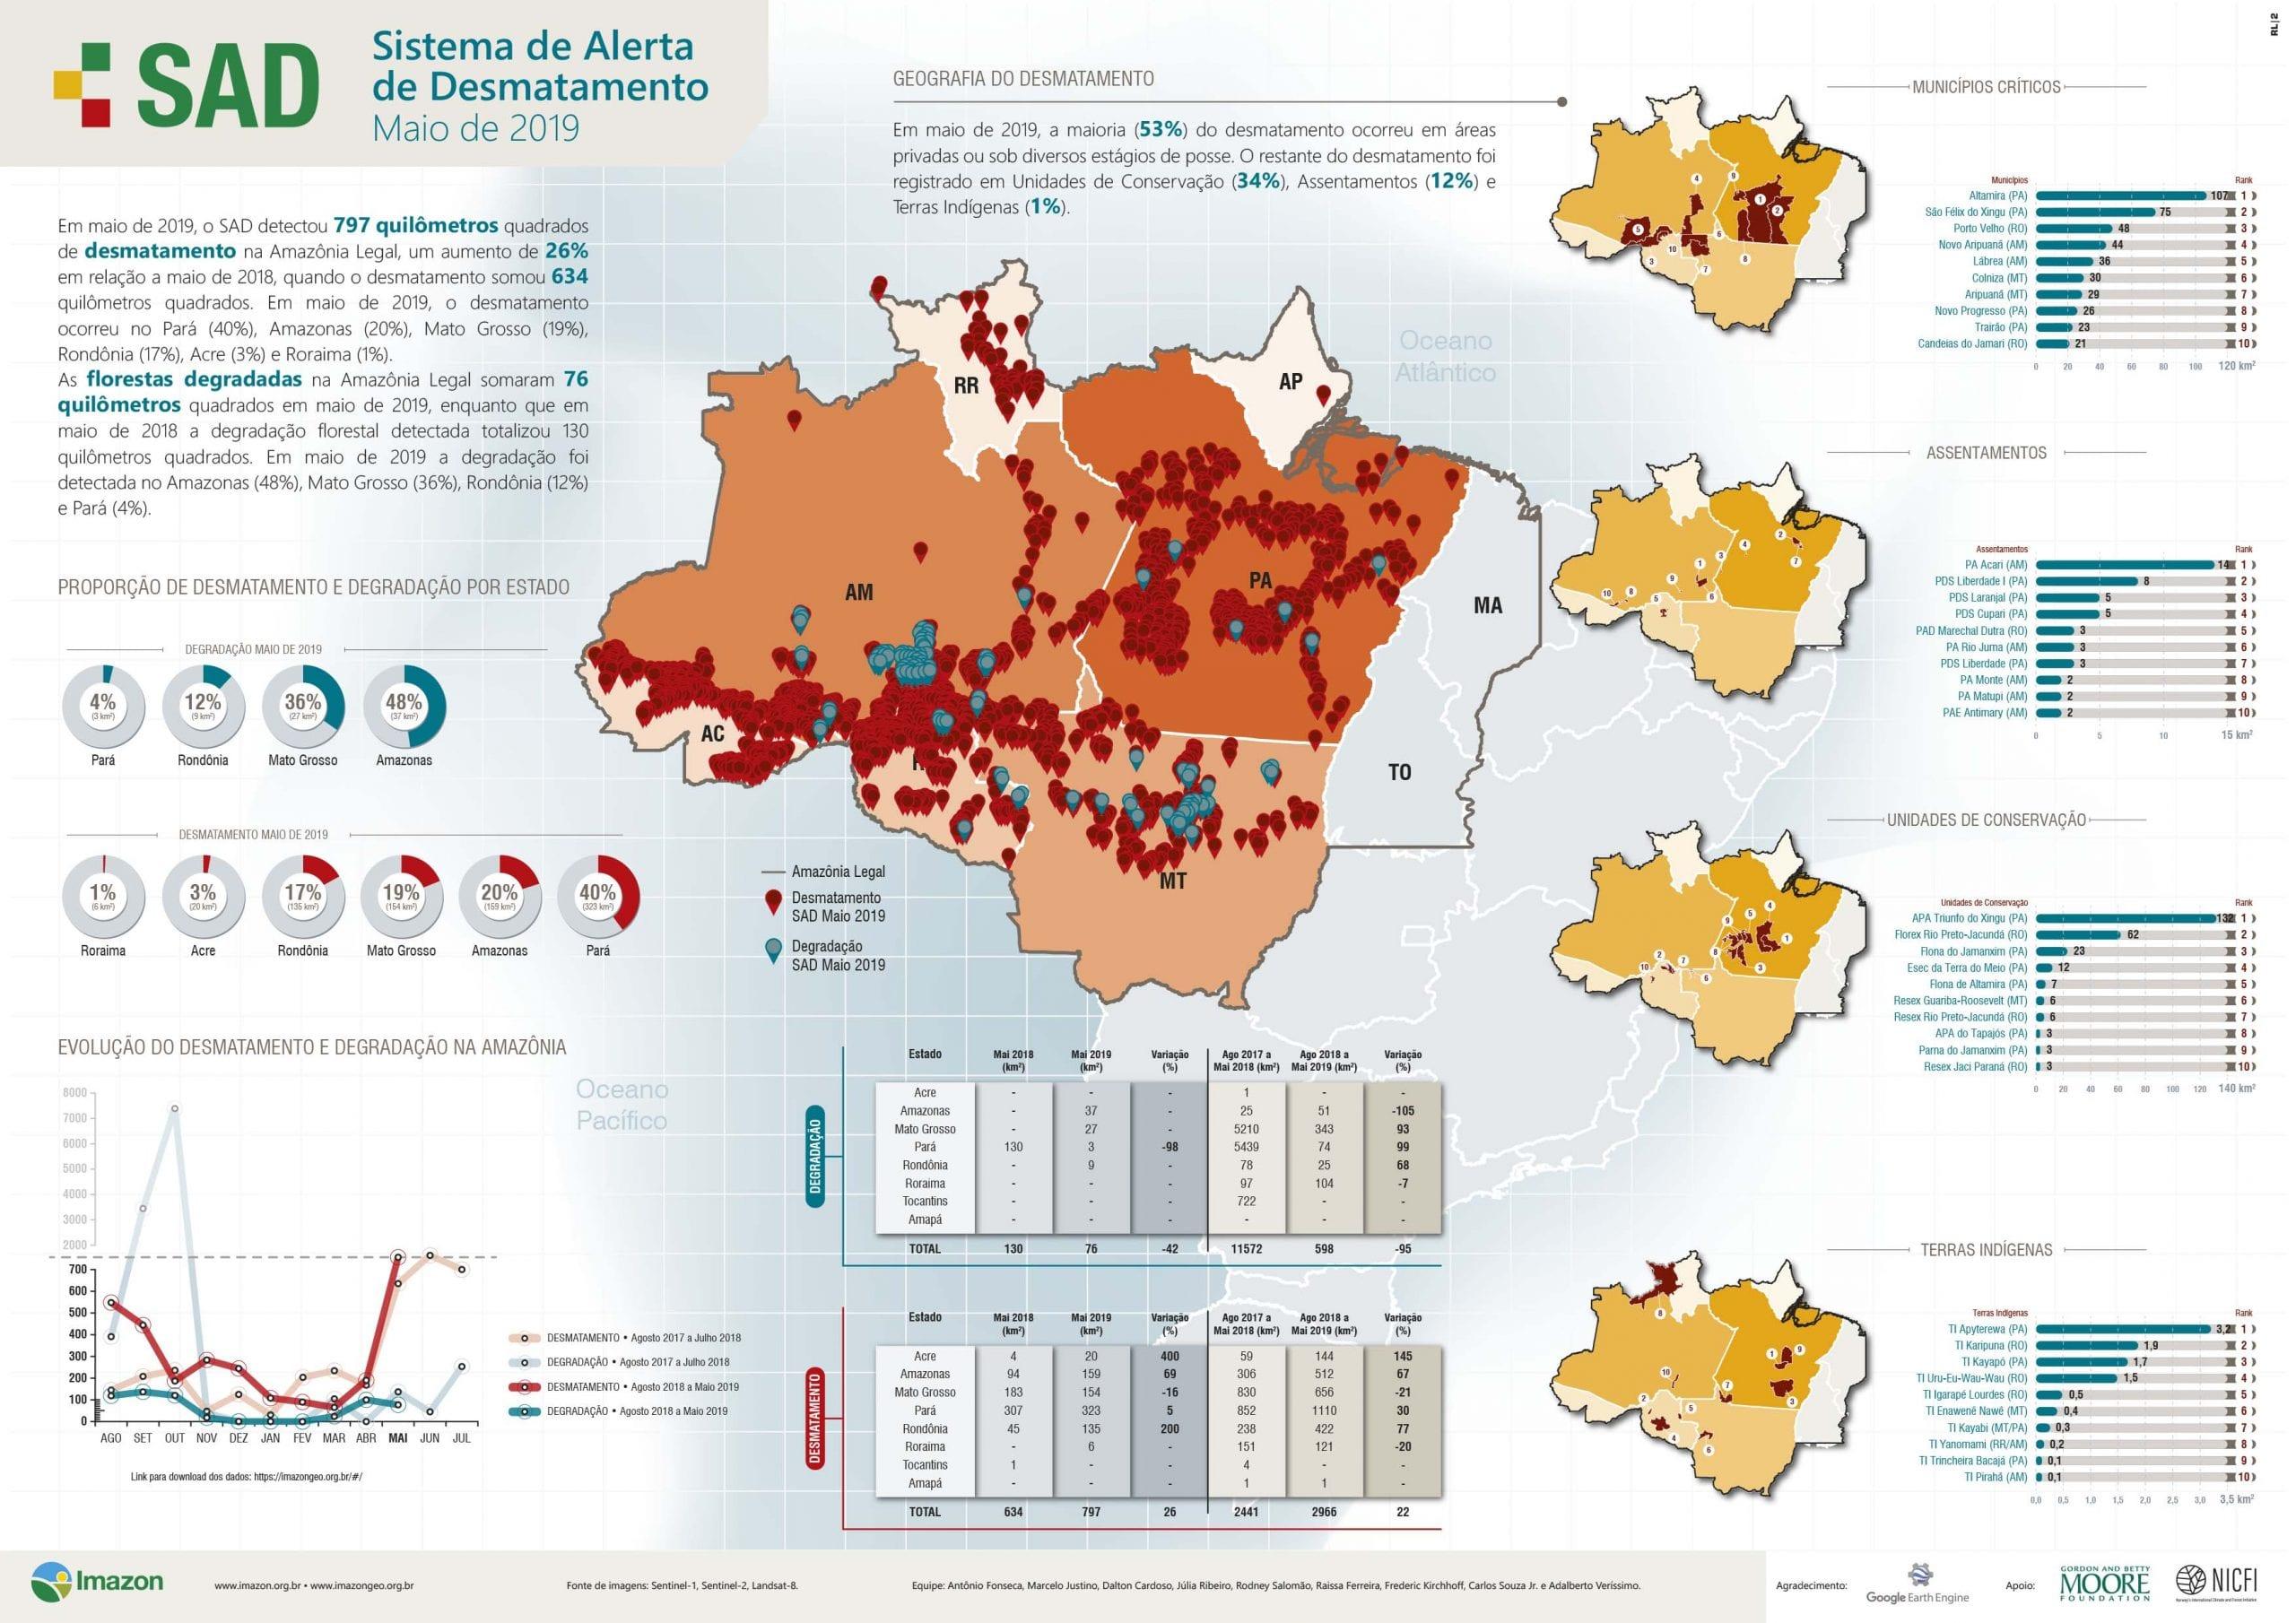 sad maio 2019 - Um terço do desmatamento da Amazônia ocorreu em Unidades de Conservação no mês de maio.  Destruição das florestas segue em ritmo de aumento.